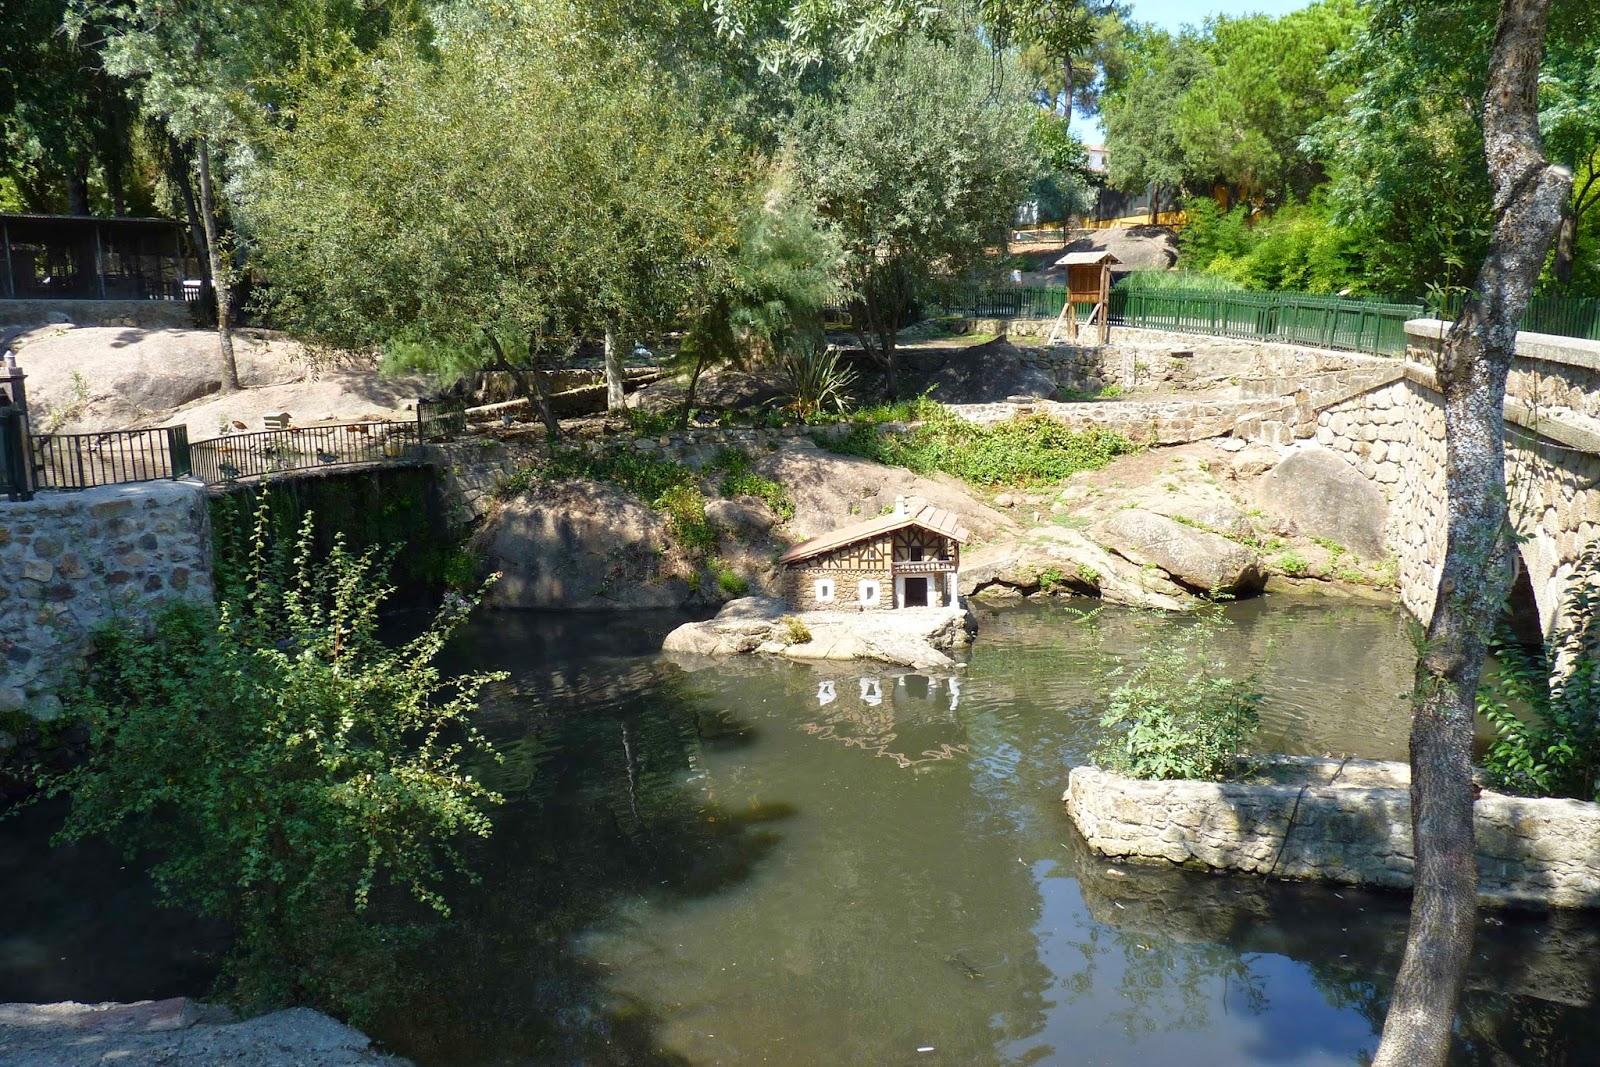 Parque Ornitológico de los Pinos en Plasencia.